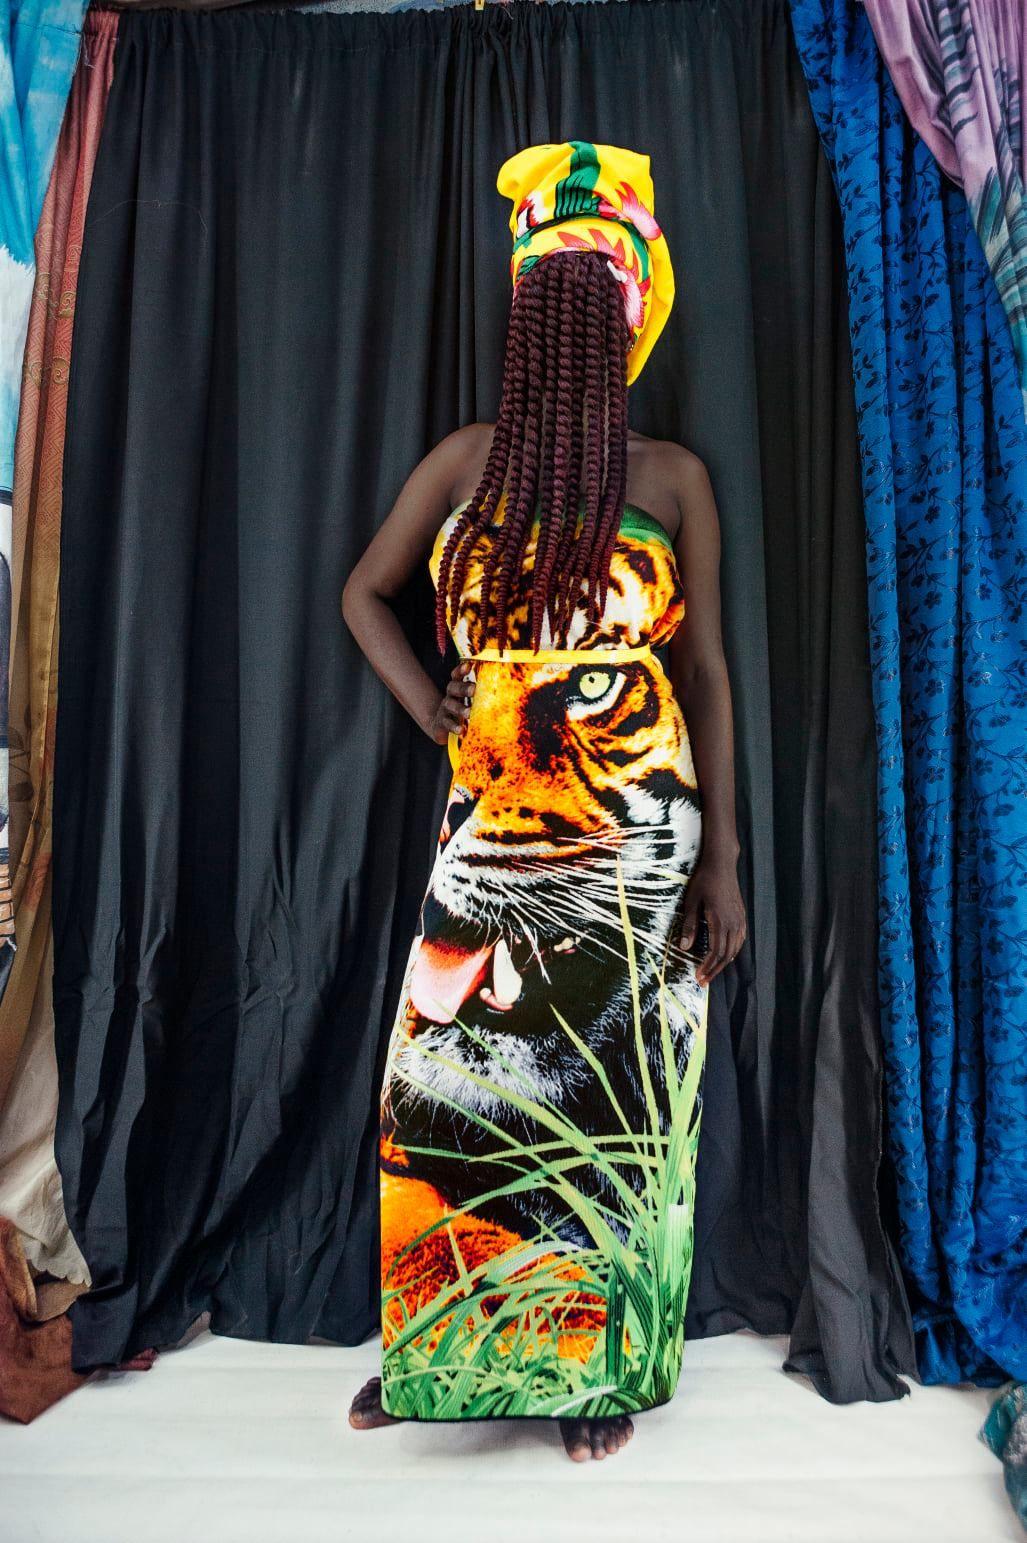 Pour 'Récits contemporains', la galerie Rocio Santa Cruz (Barcelone, Espagne) présente la série Woman Go No' Gree (2019) de Gloria Oyarzabal. Dans cette série, l'artiste examine le rôle du colonialisme dans l'imposition d'un ordre social basé sur la différenciation de genre en Afrique. Avec l'aimable autorisation de la Galerie Rocio Santa Cruz et de l'artiste.